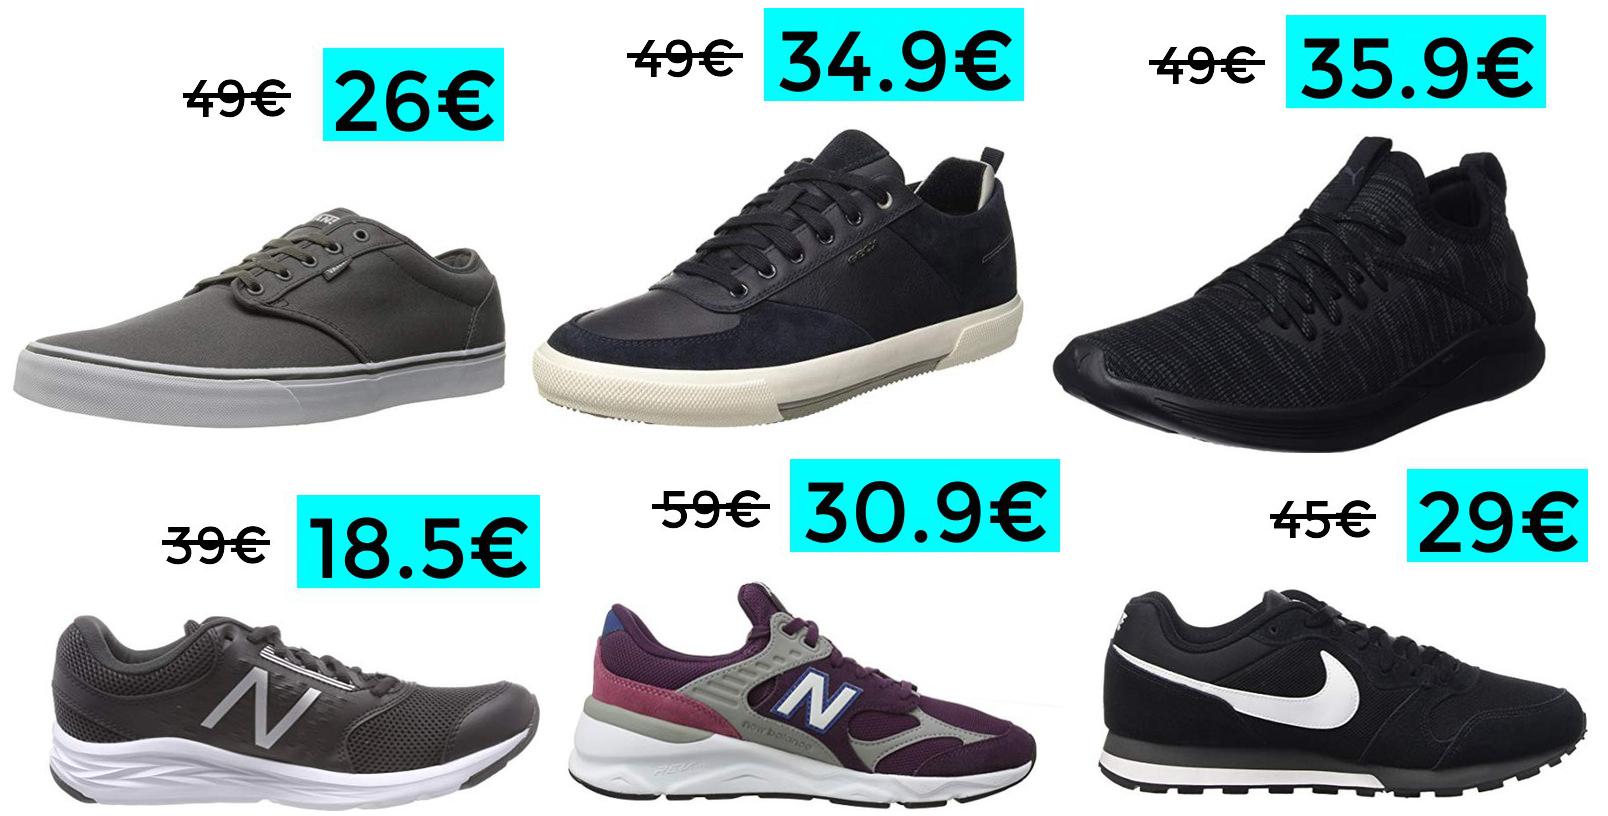 Preciazos en zapatillas de marcas TOP